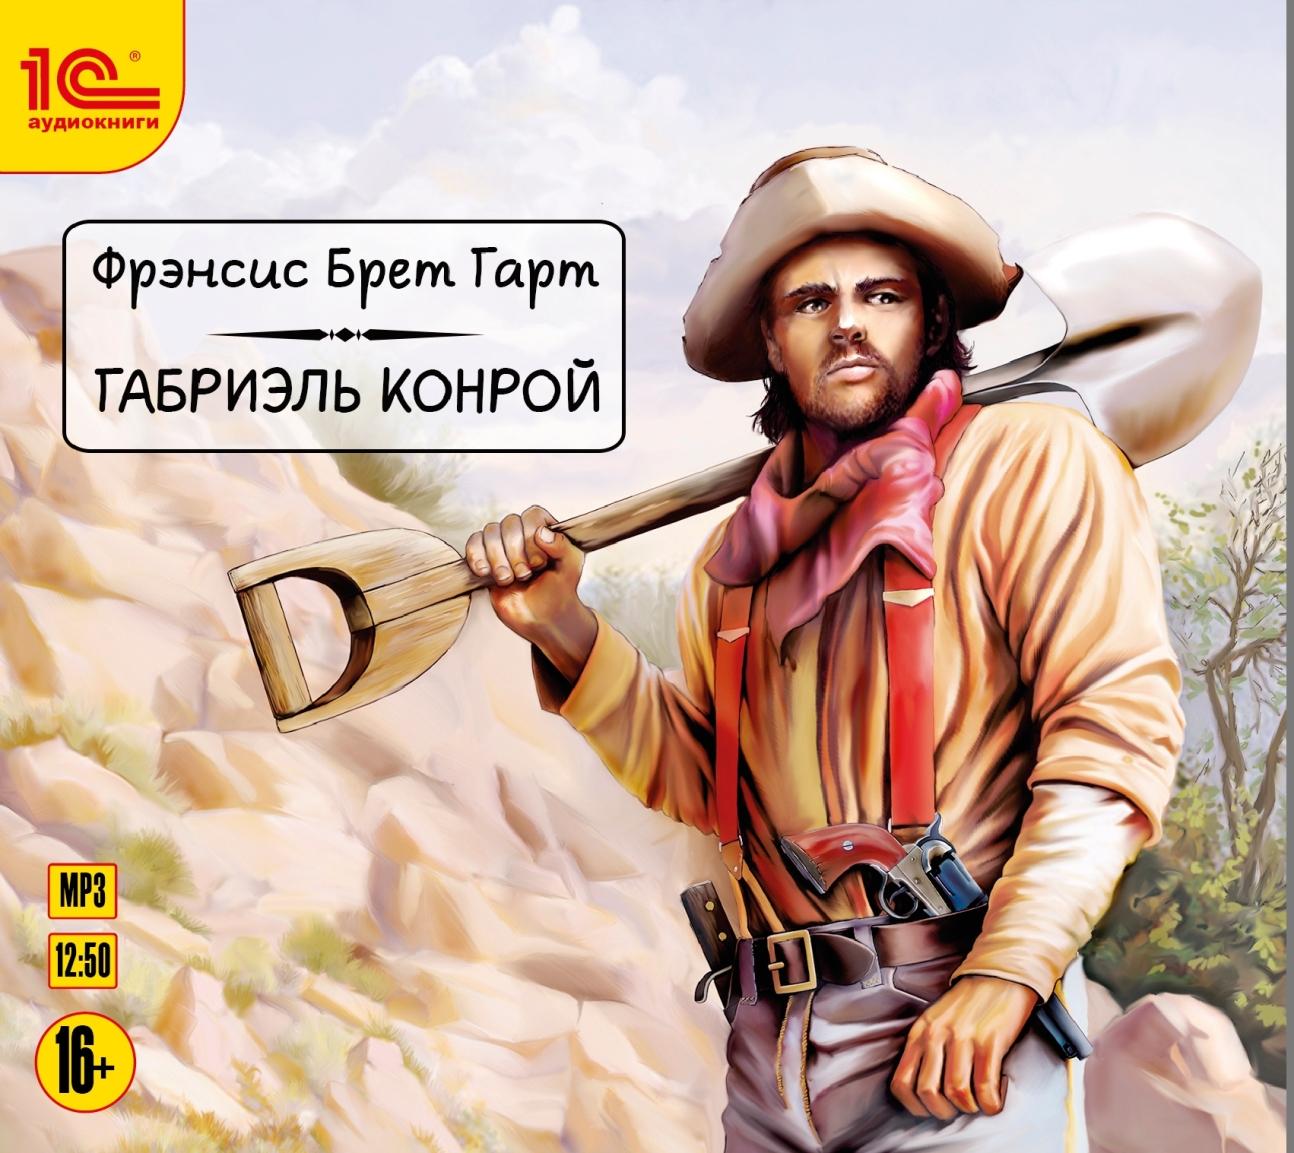 Габриэль Конрой ( Фрэнсис Брет Гарт  )